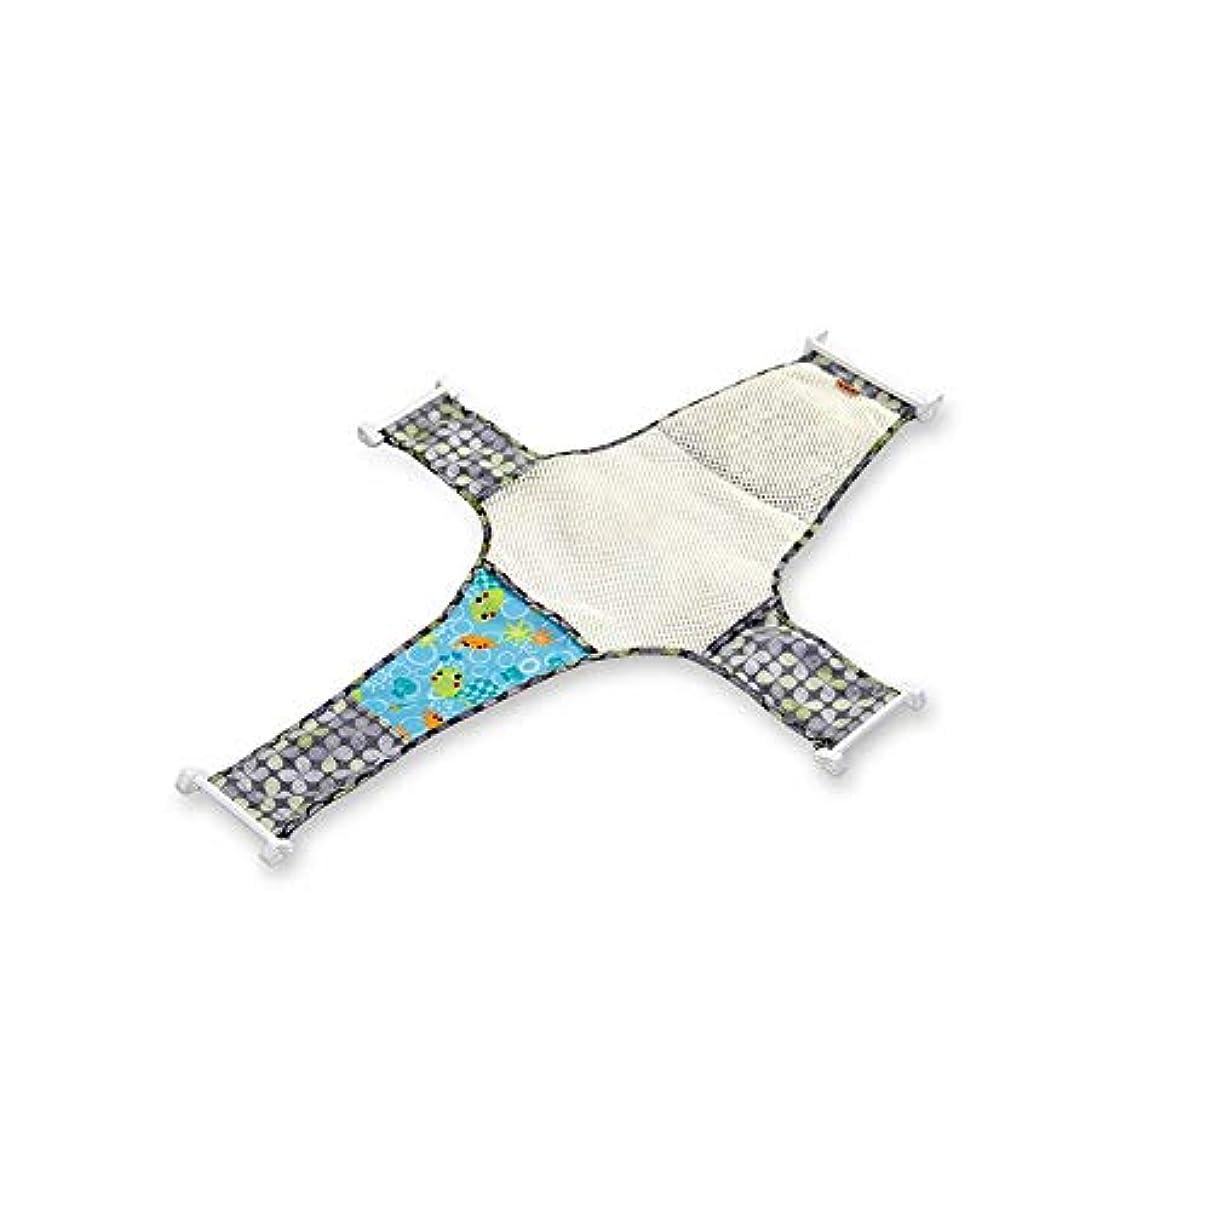 ボトル切る望むOnior調整可能 十字メッシュ パターン バスタブ 座席 スタンドネット 滑り止め 浴槽網 耐久性